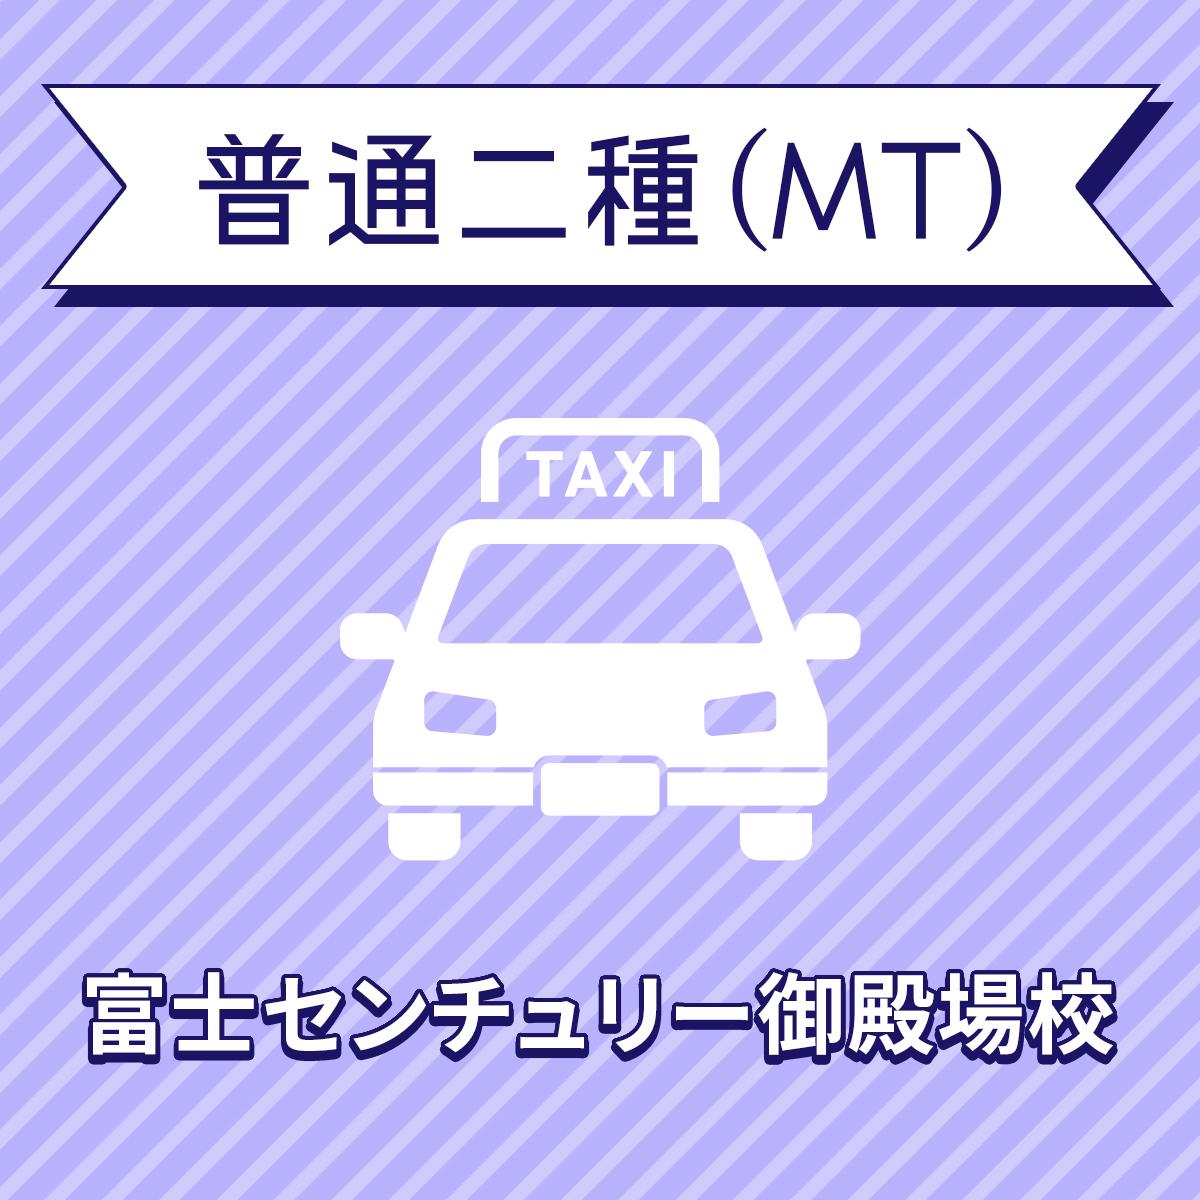 【静岡県裾野市】普通二種MTコース<普通免許所持対象>